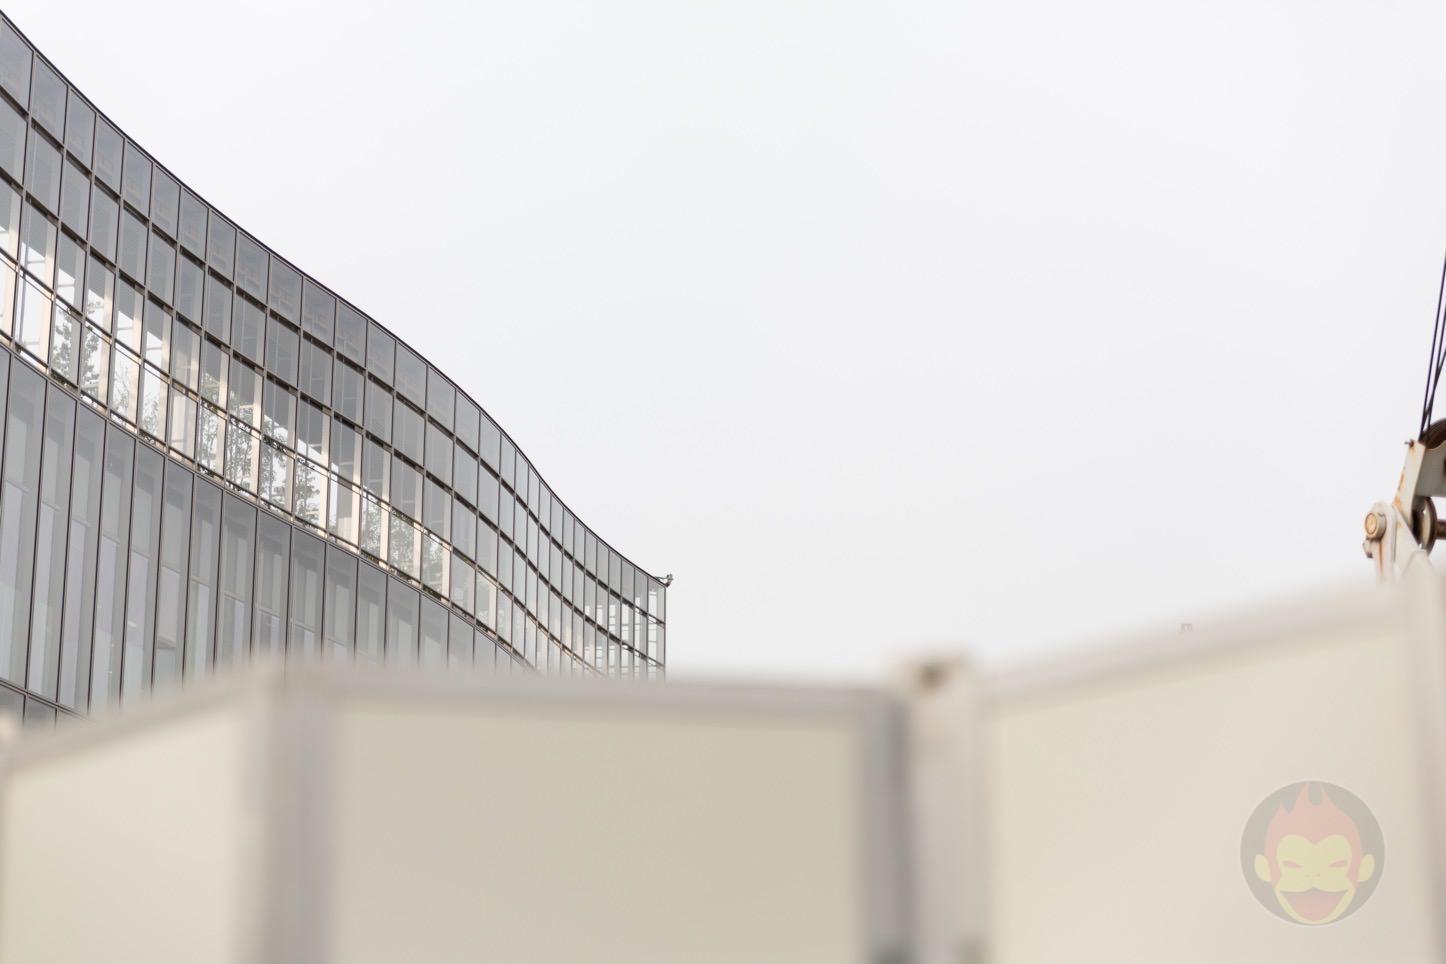 Appleの研究施設「綱島テクニカル・デベロップメント・センター」